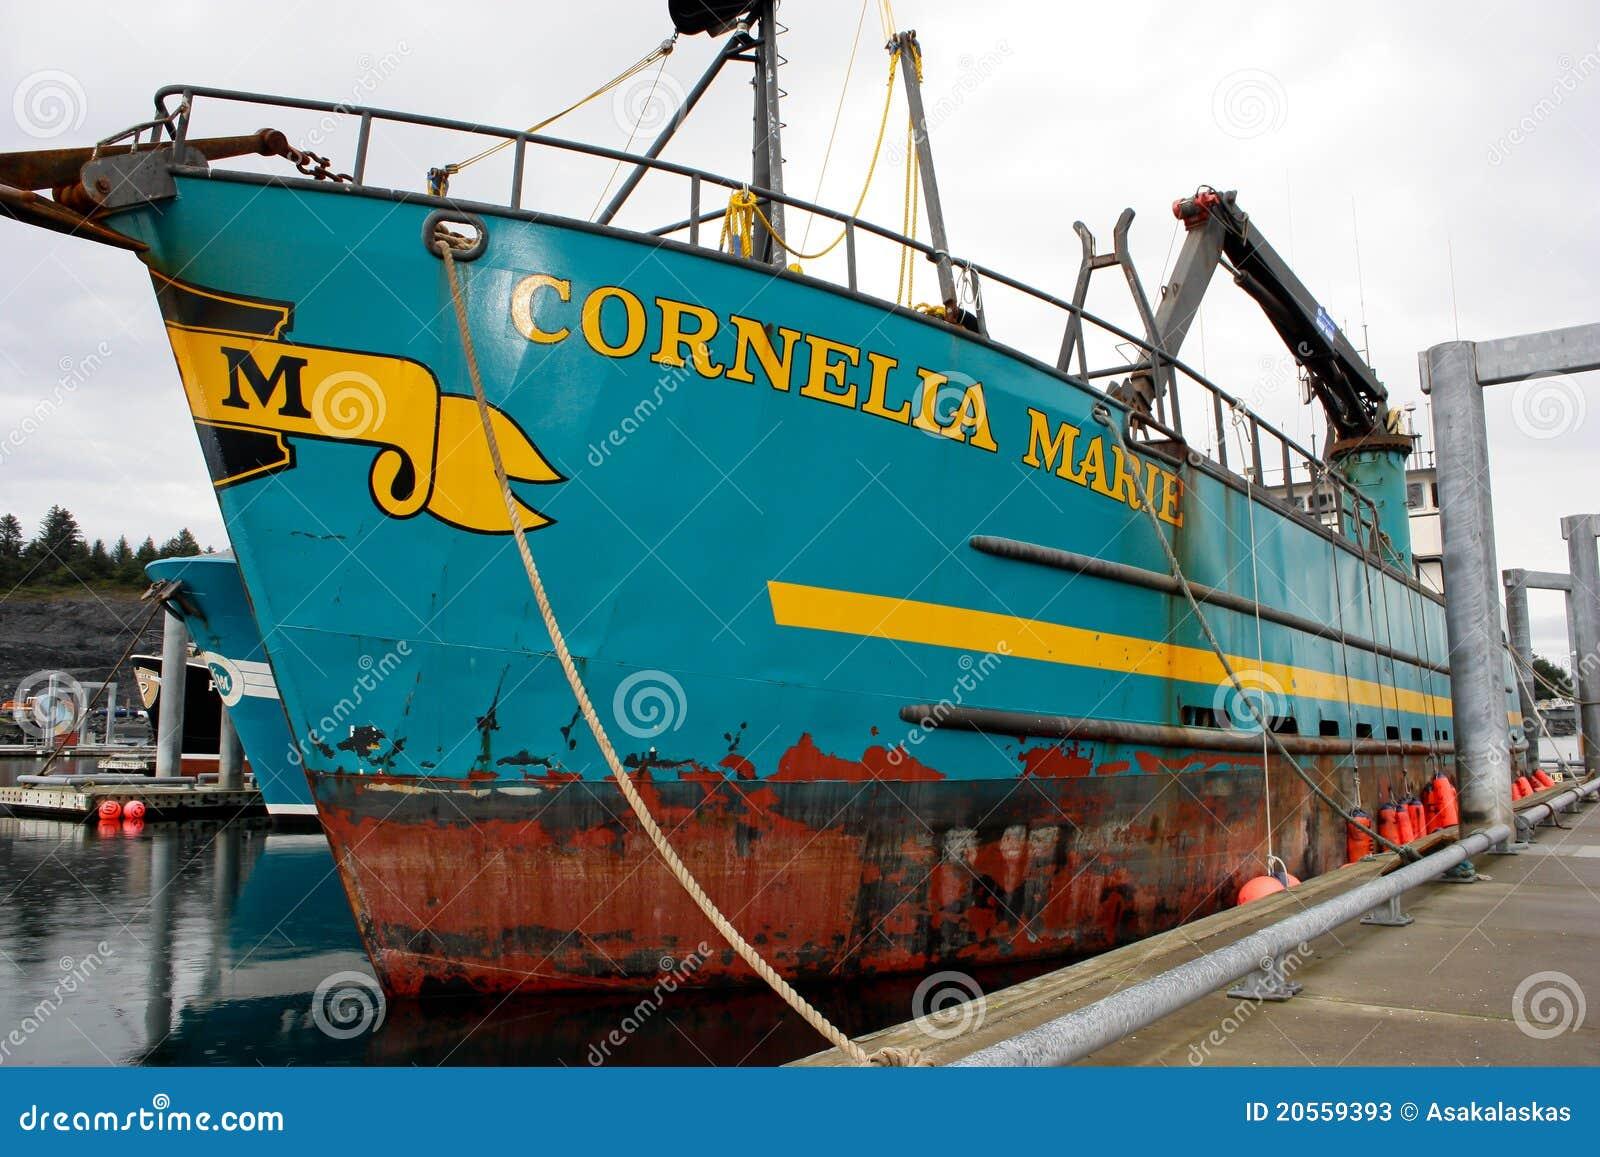 Cornelia Marie van de Vangst Deadliest